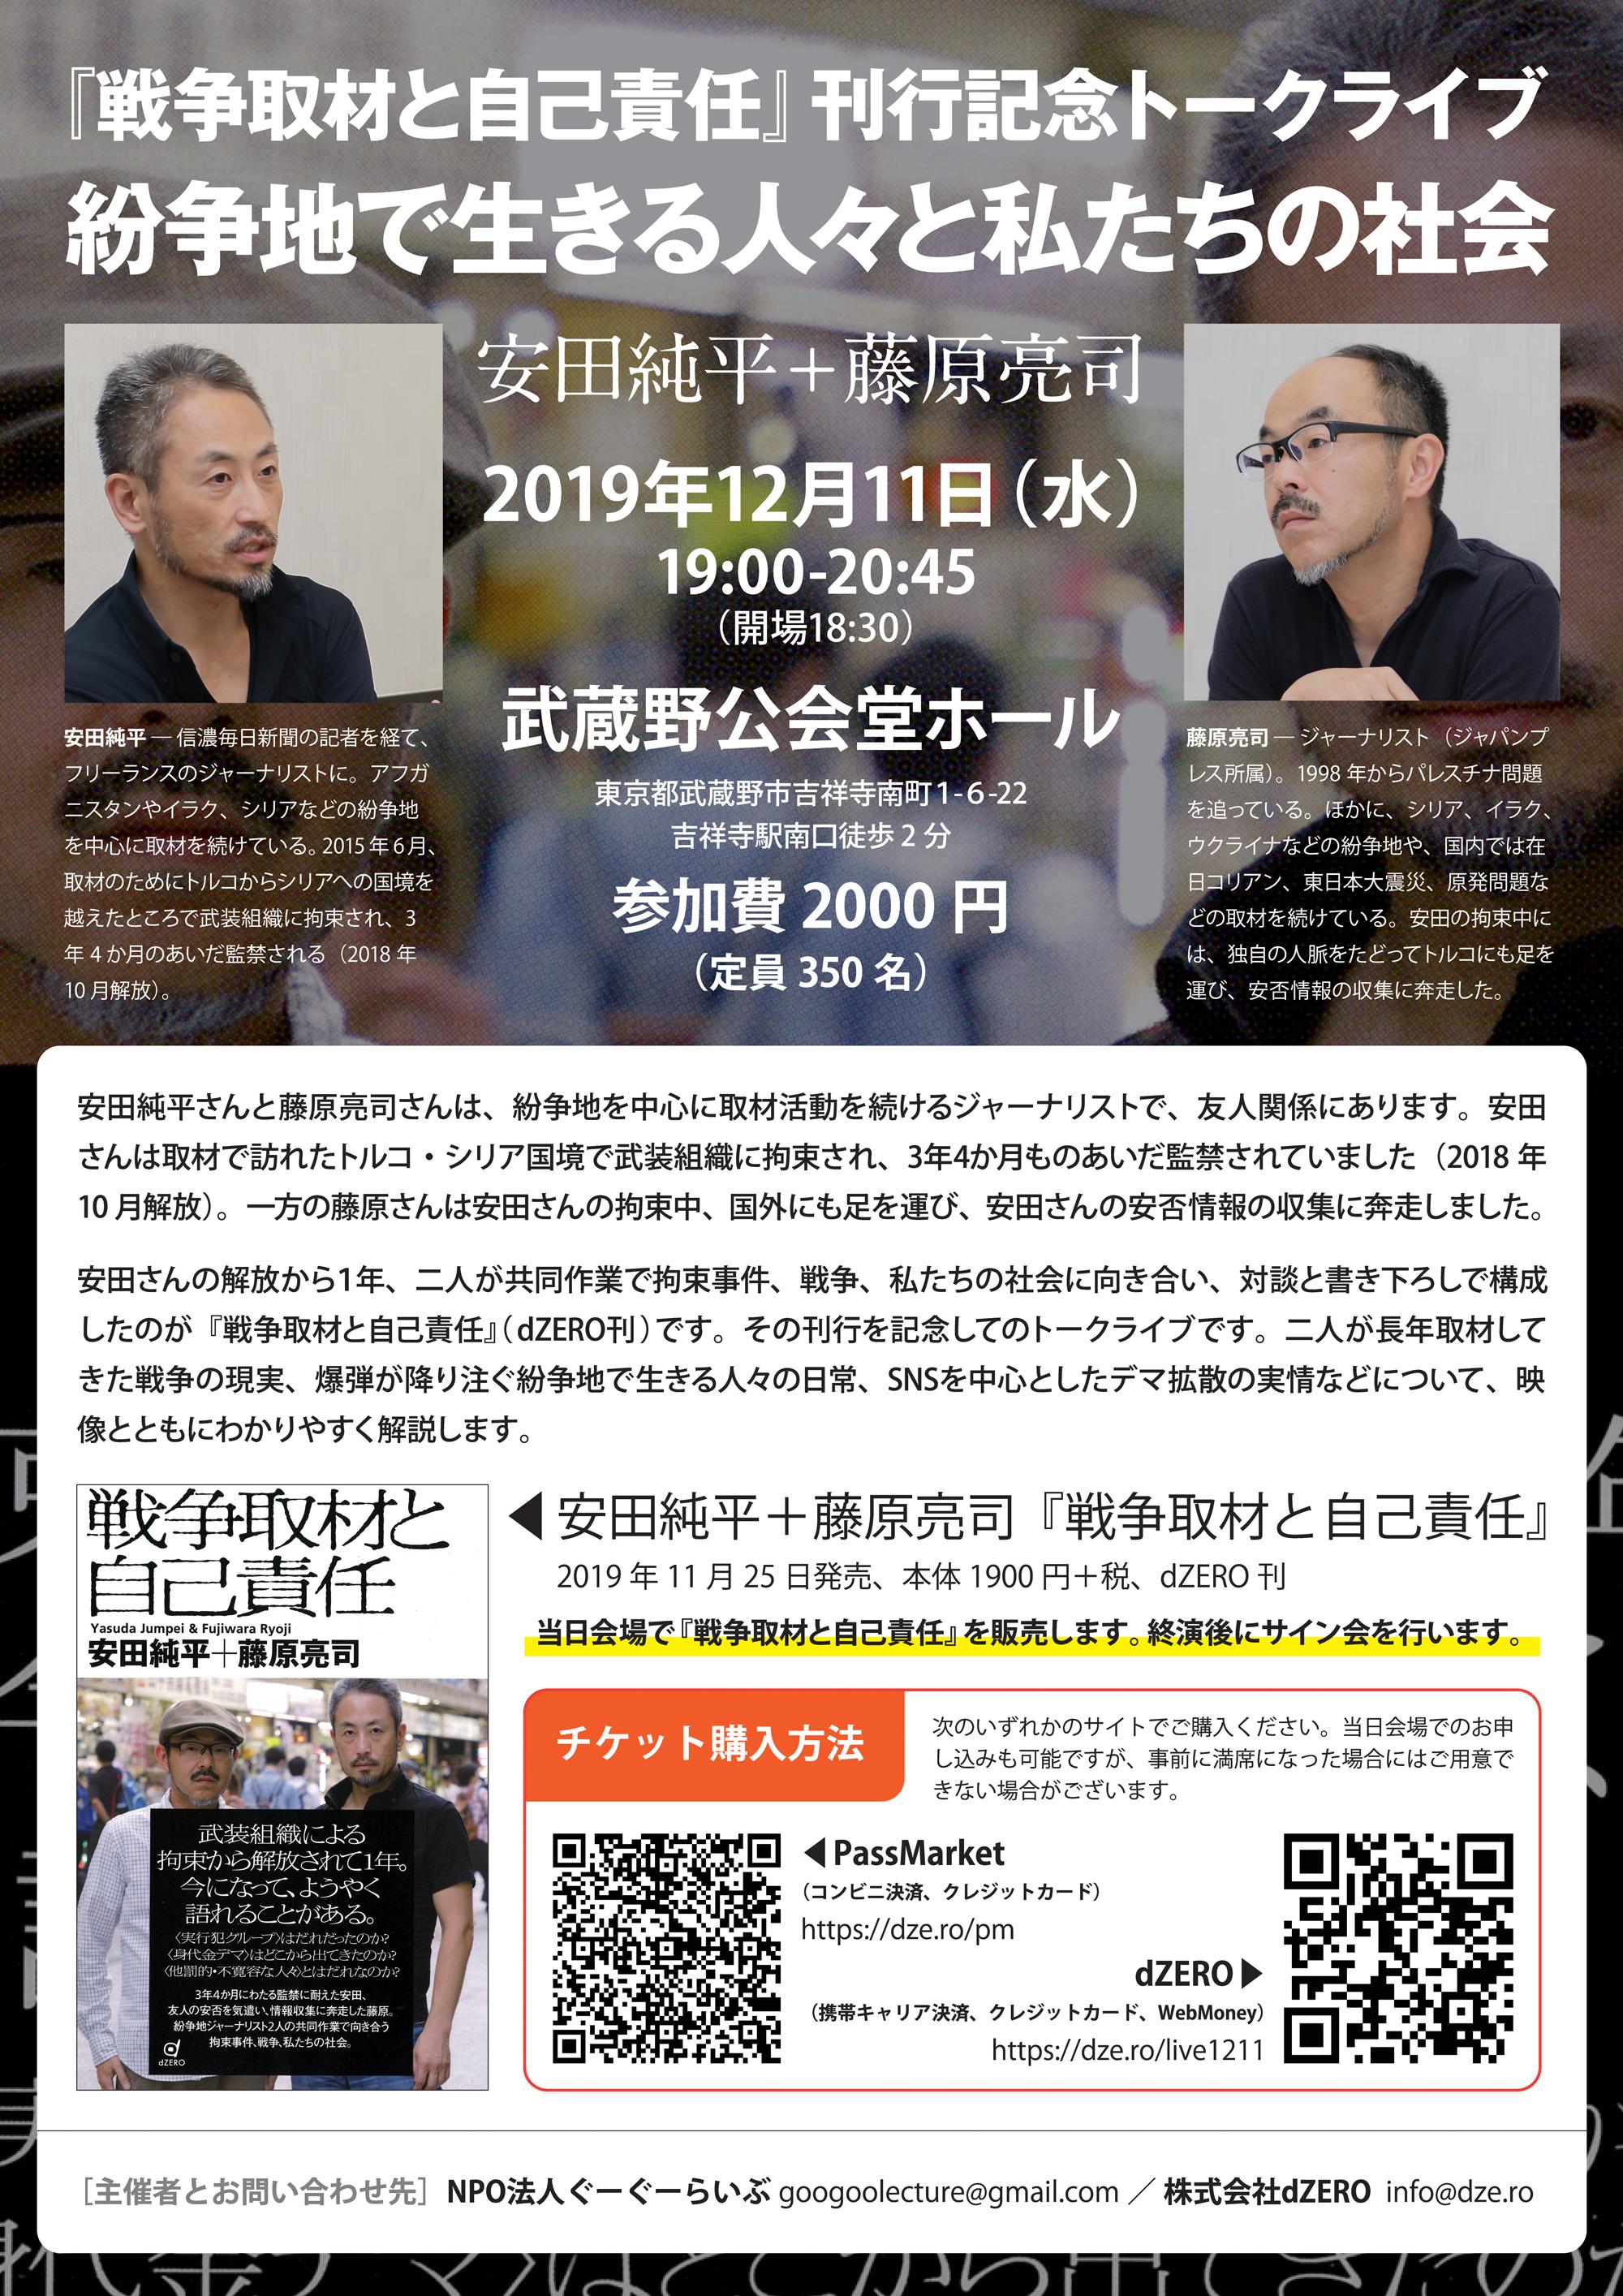 [チラシ]2019.12.11トークライブ@武蔵野公会堂ホール